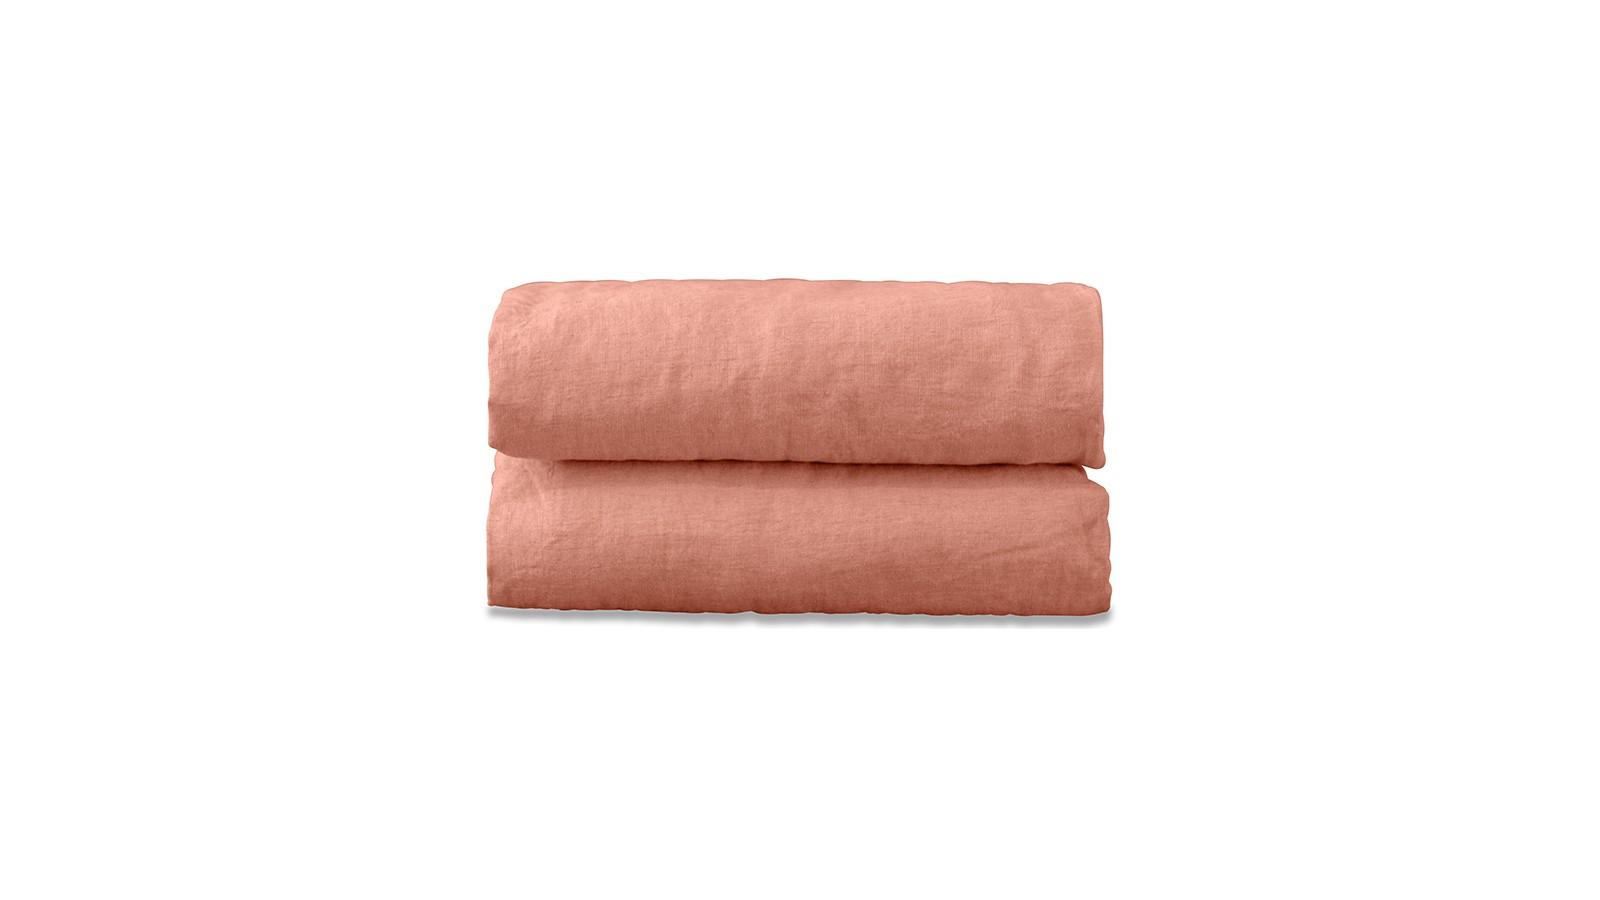 Nappe rectangulaire en lin lavé uni Rose Melba